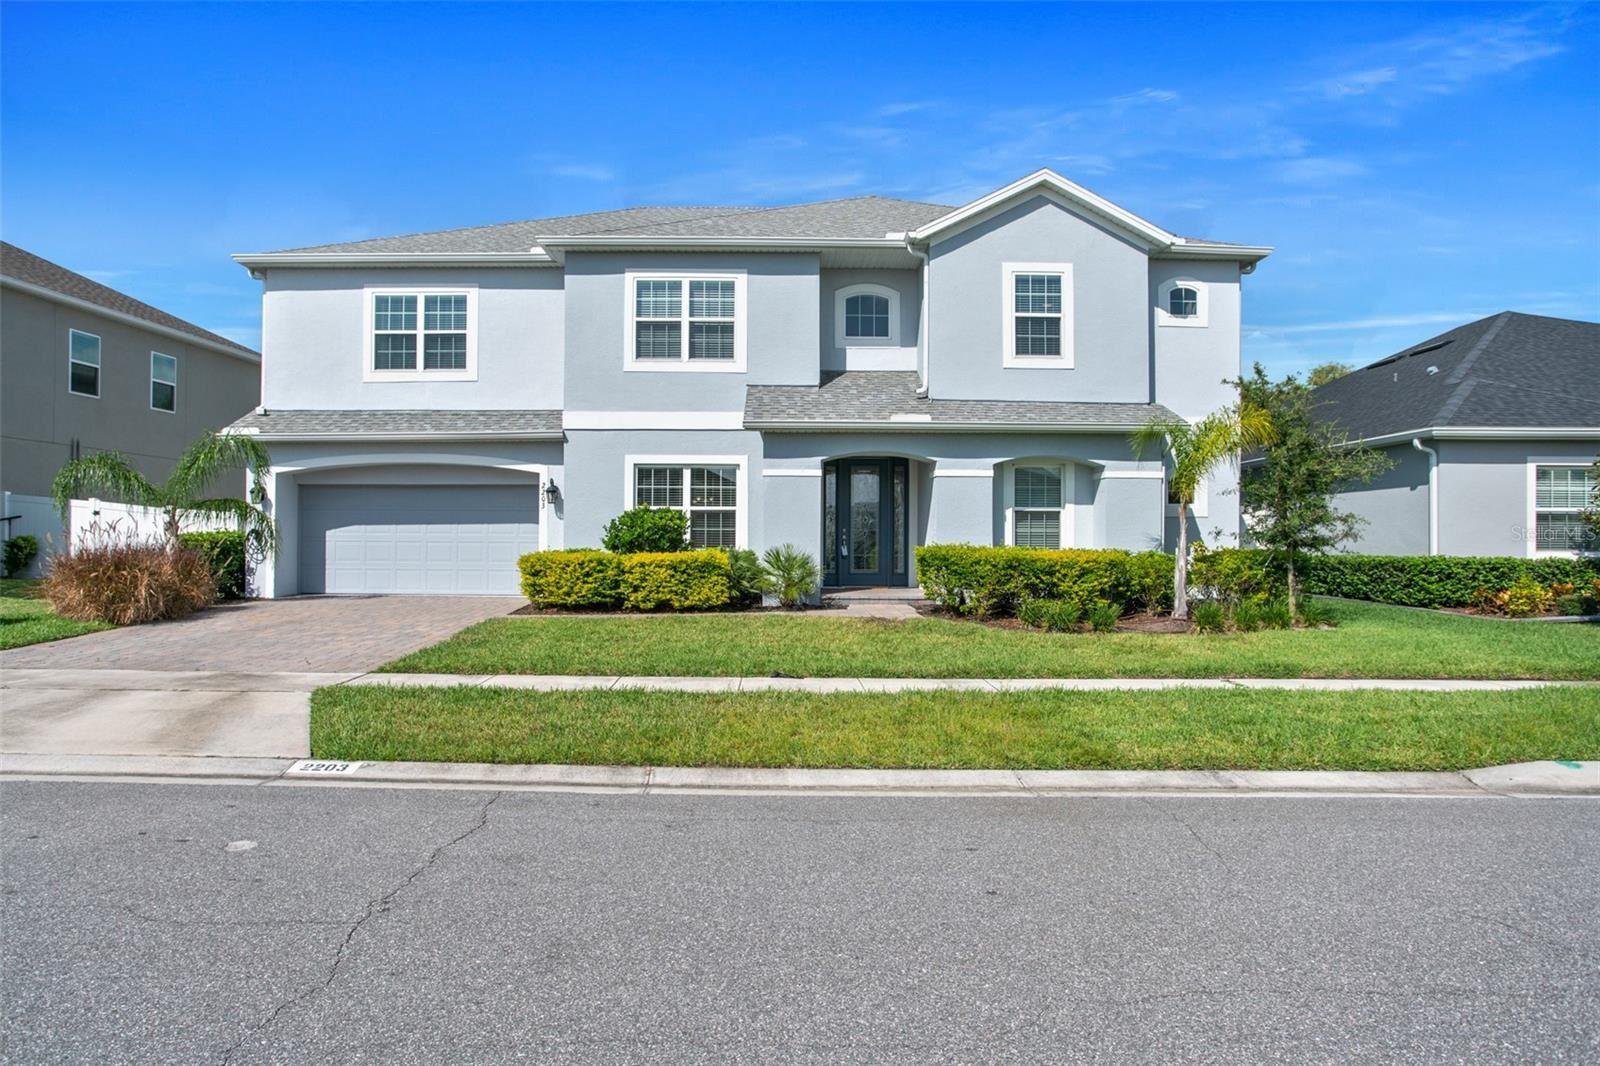 2203 PEARL CIDER STREET, Orlando, FL 32824 - #: O5979249